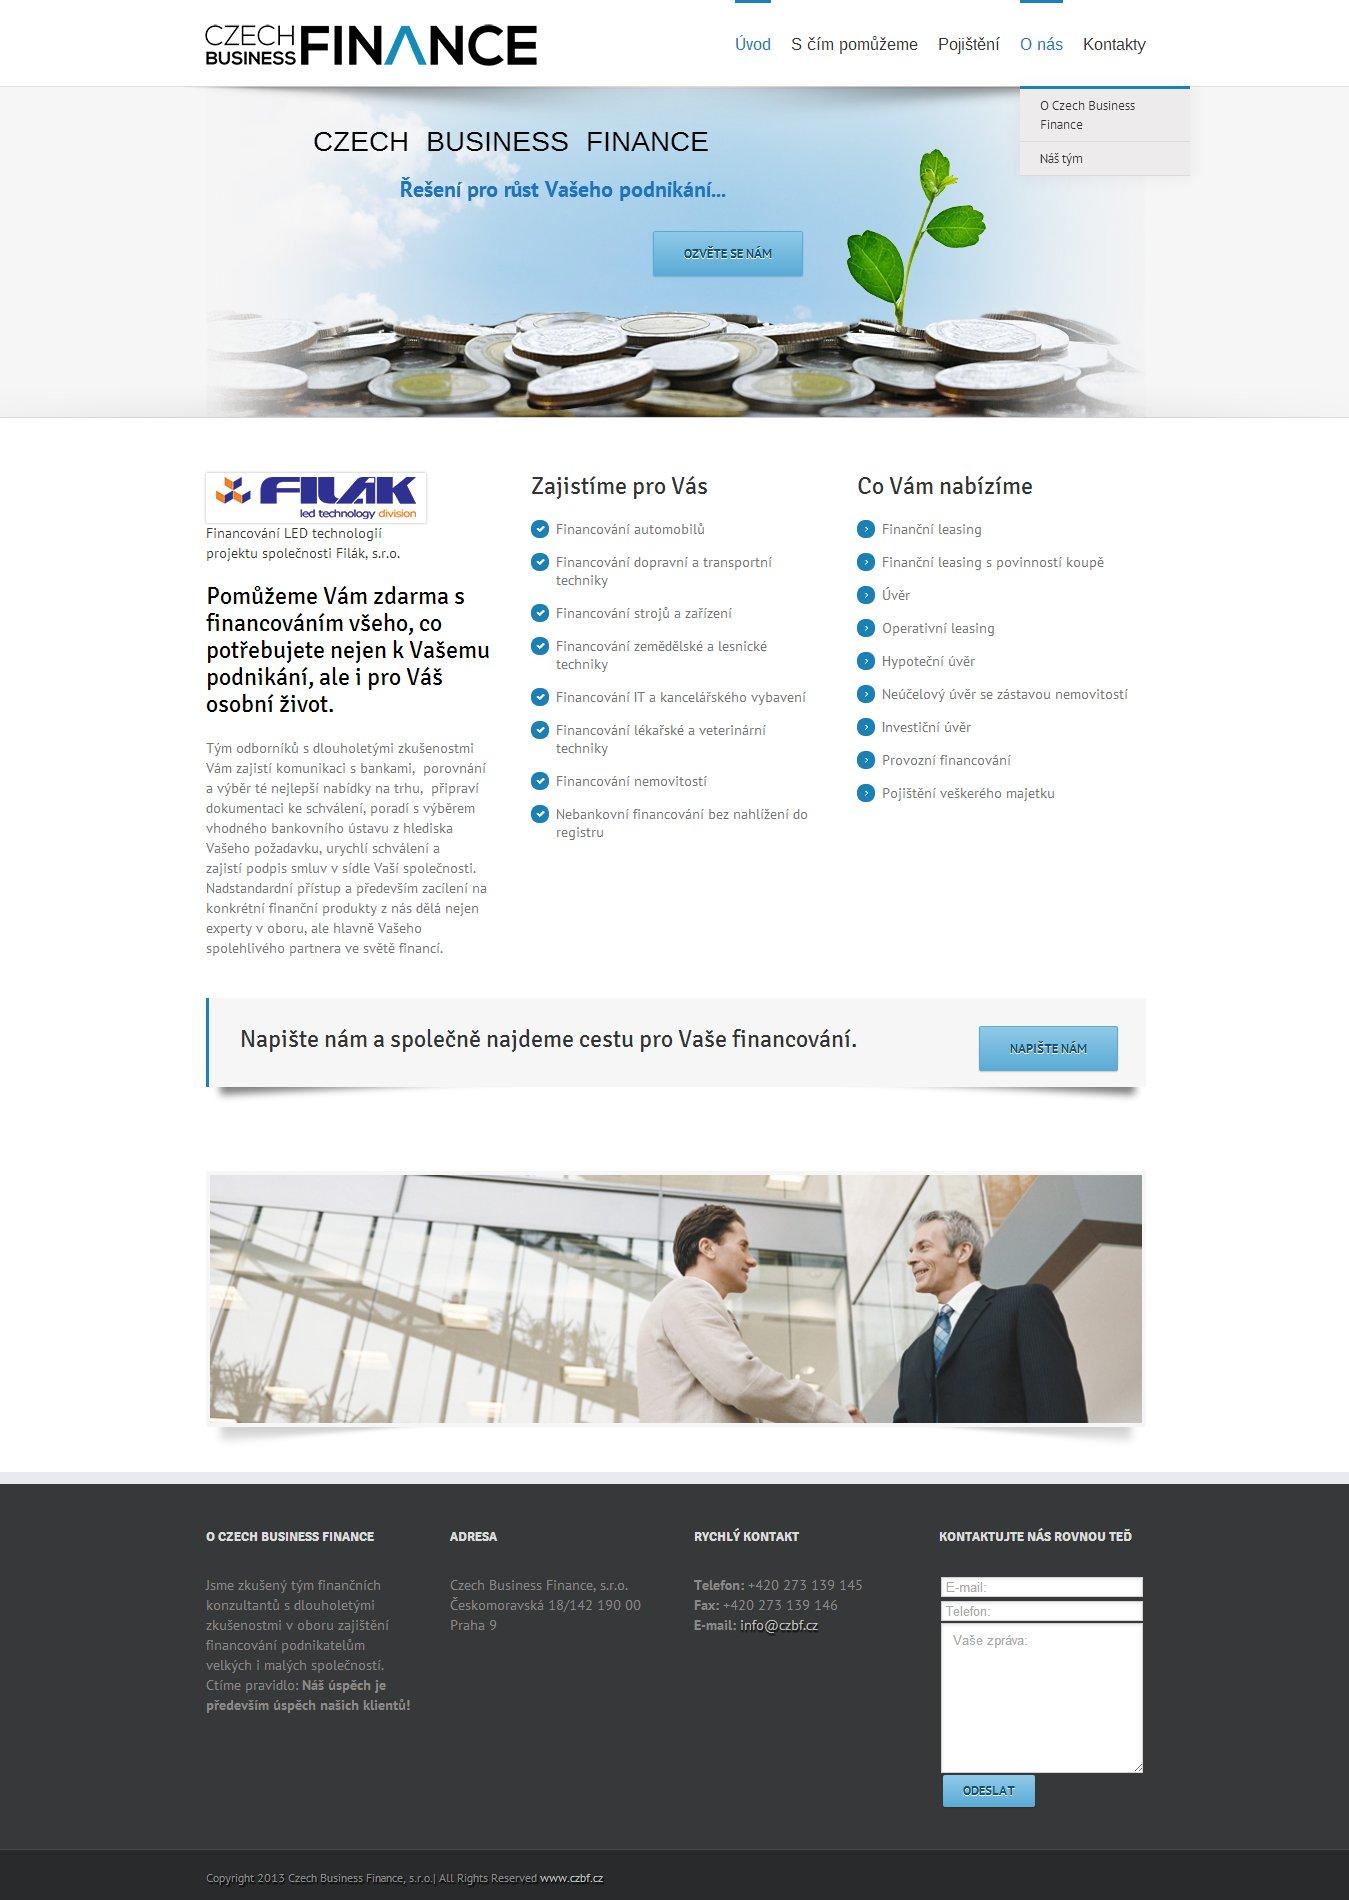 Webové stránky pro Czech Business Finance